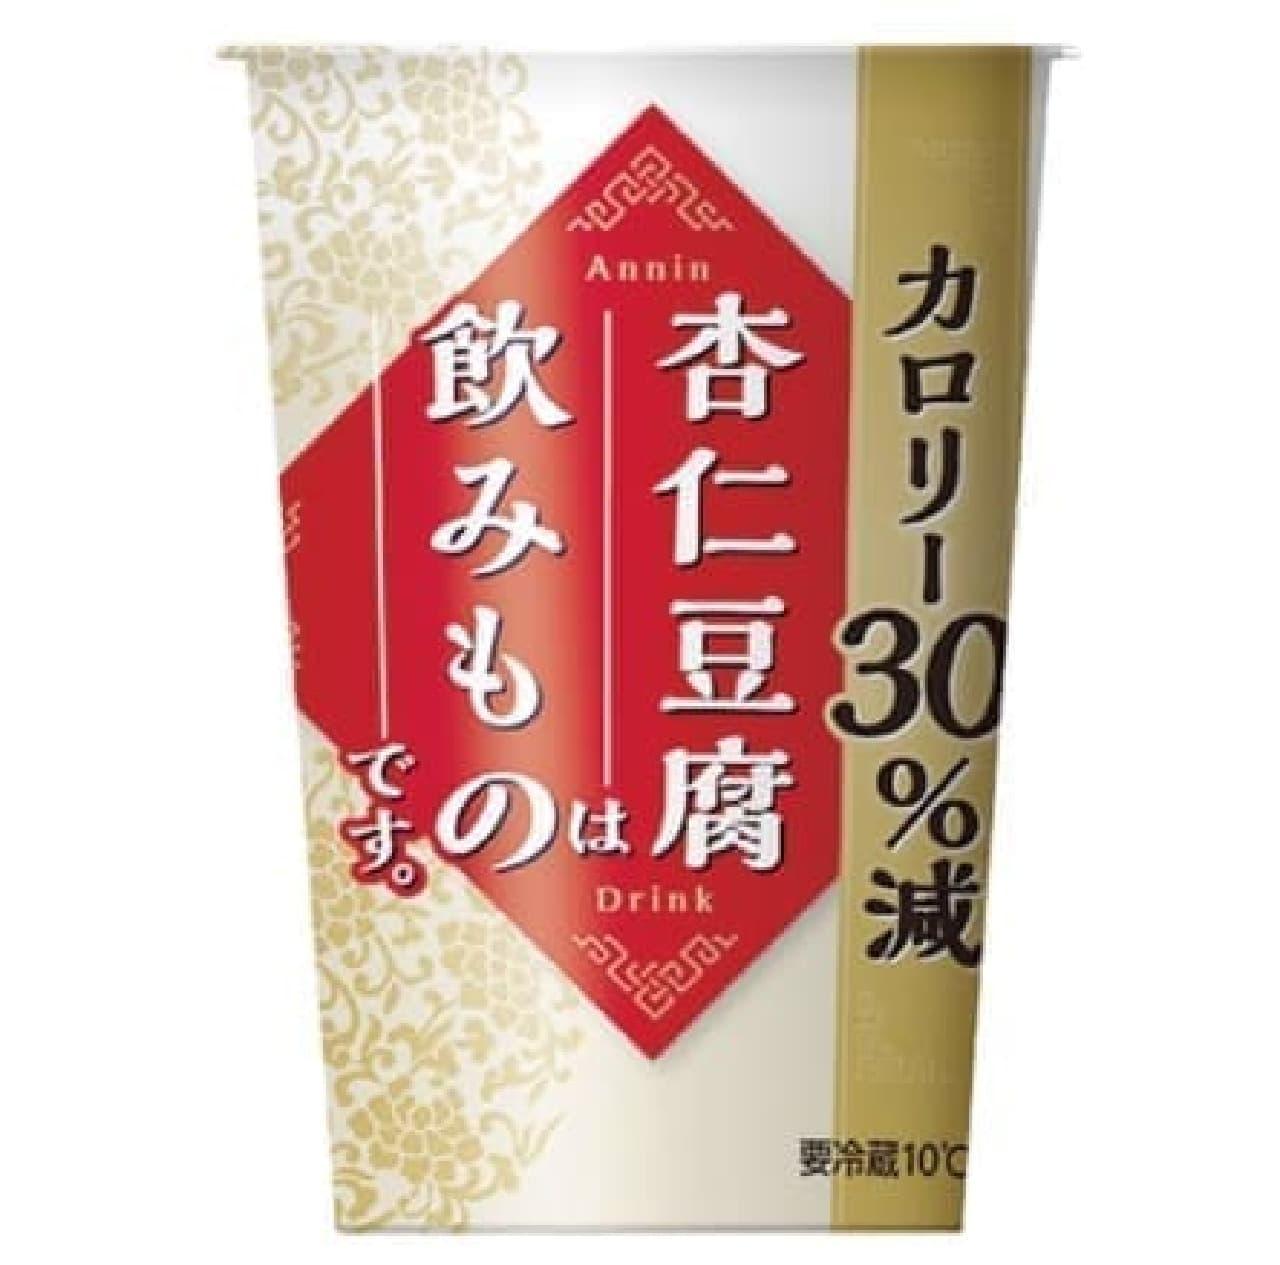 ファミリーマート「杏仁豆腐は飲みものです。カロリー30%減」